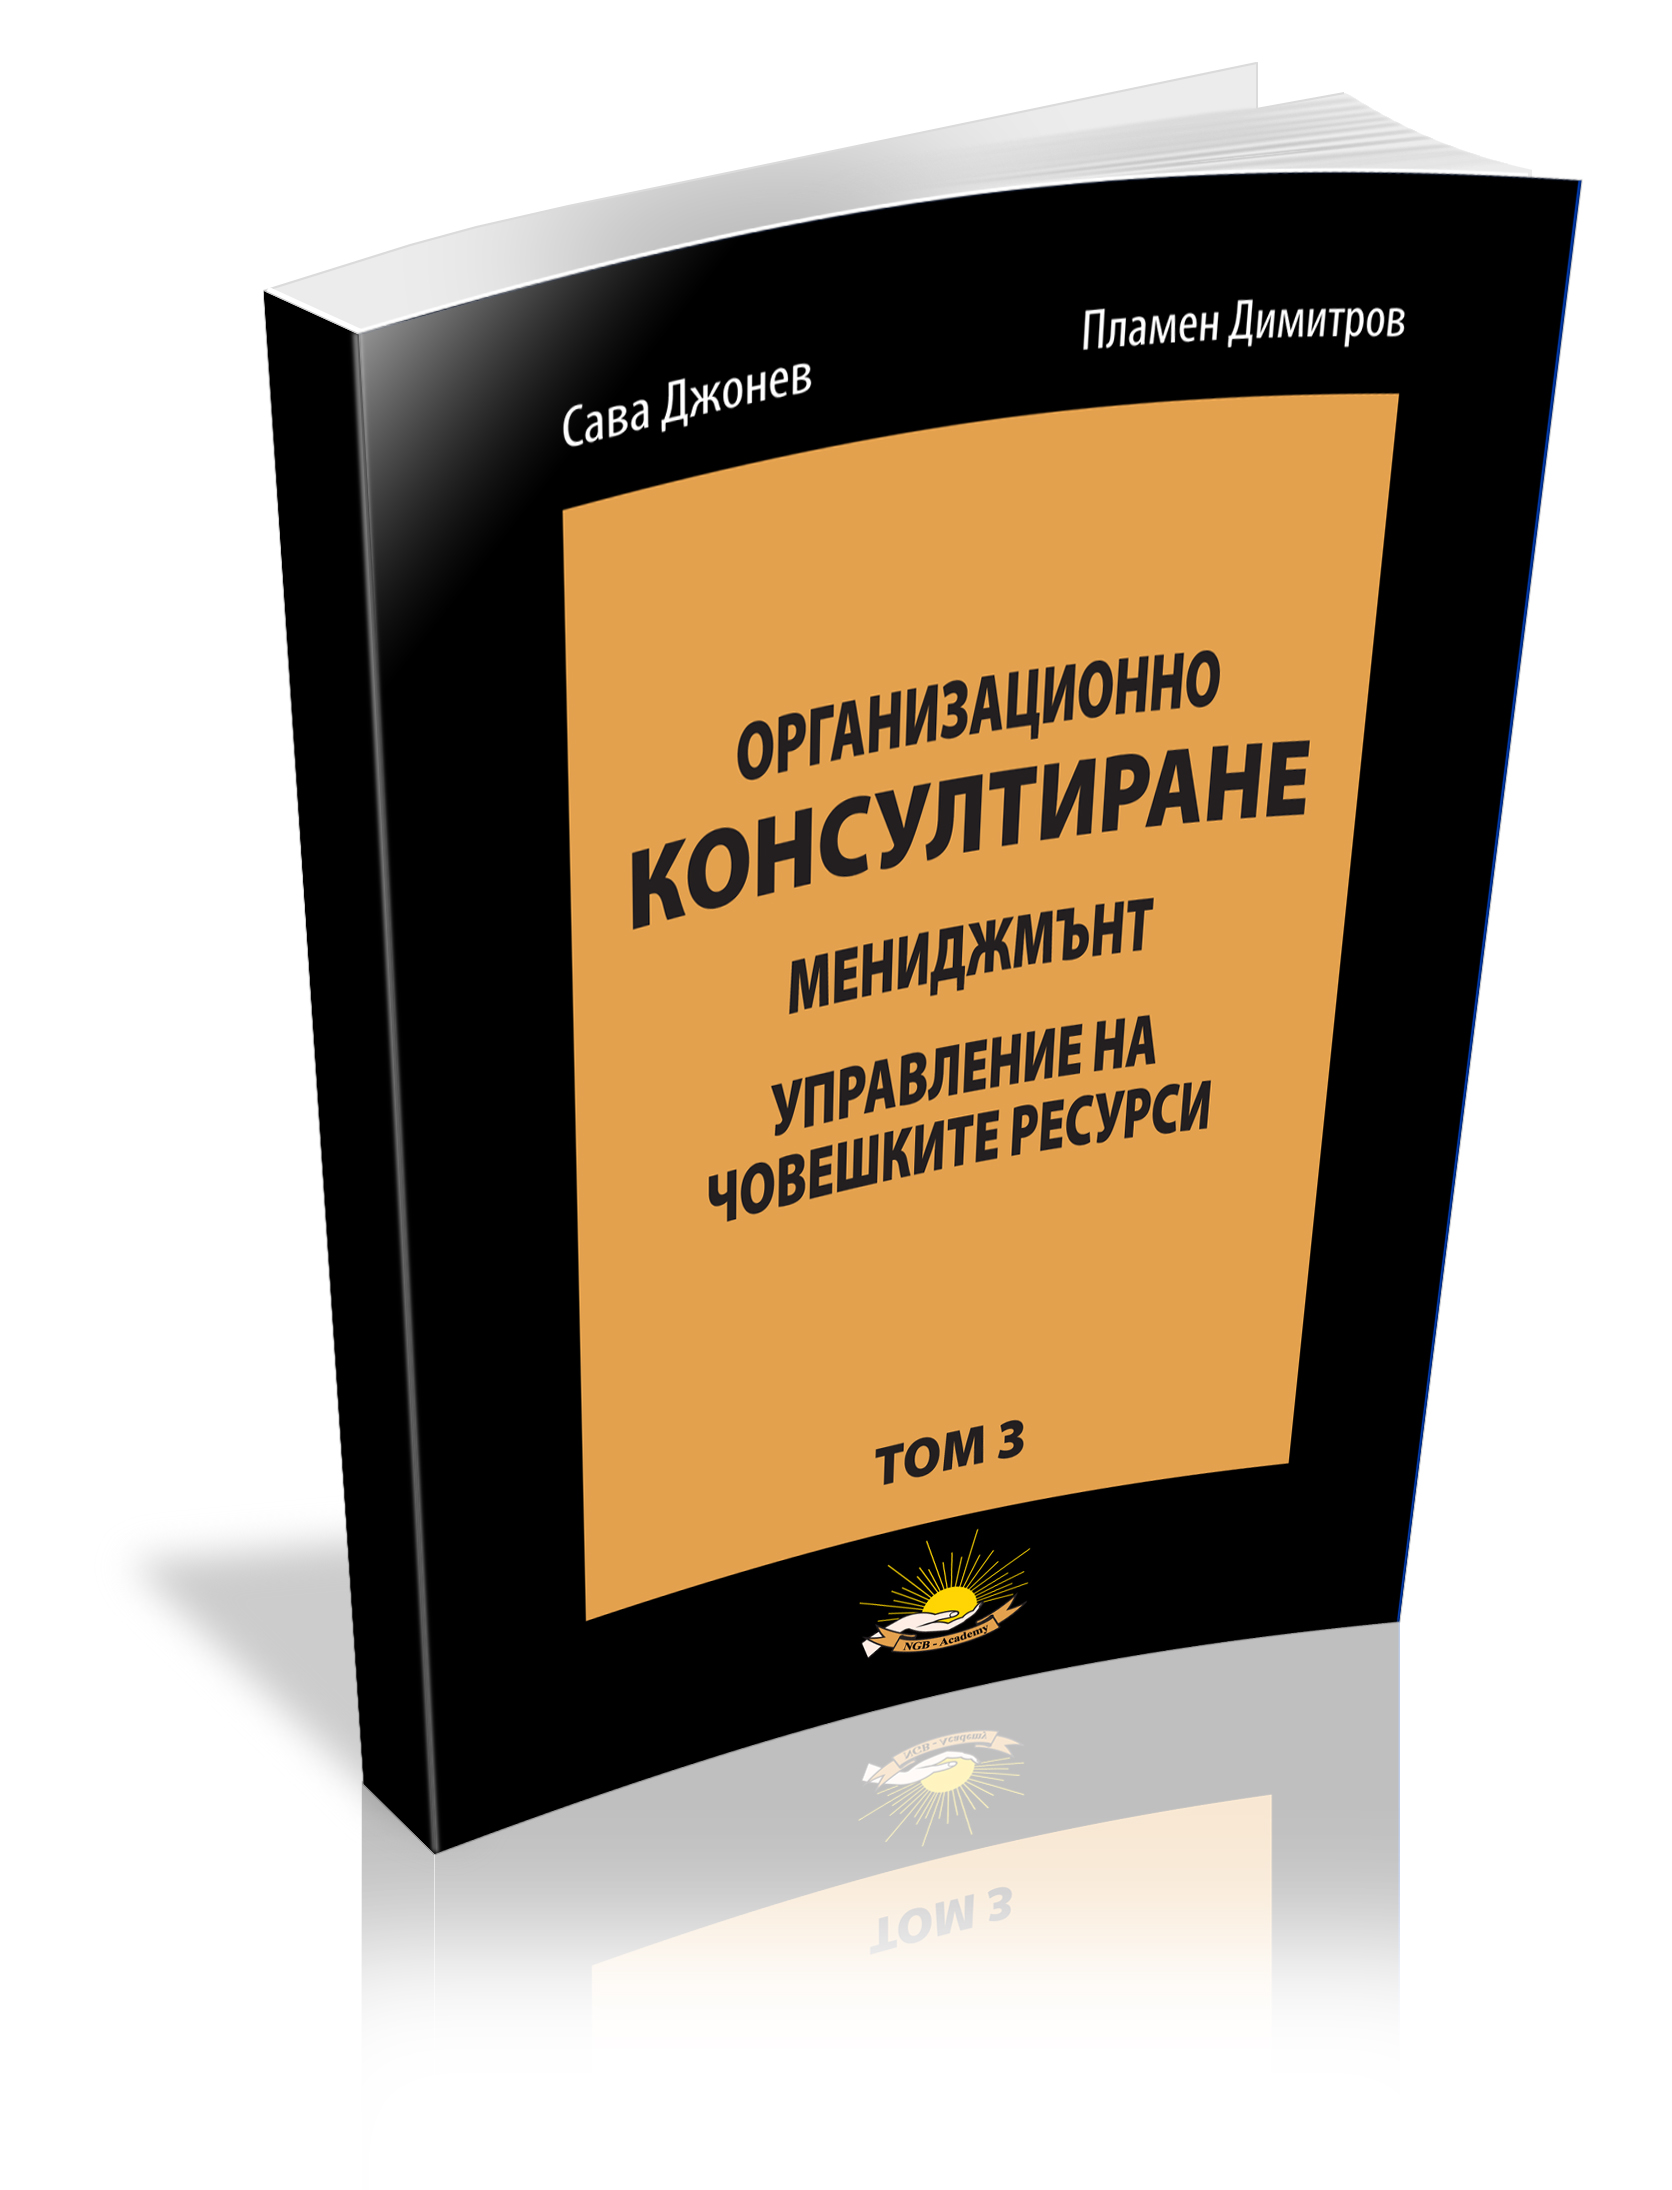 Организационно консултиране - ТОМ 3